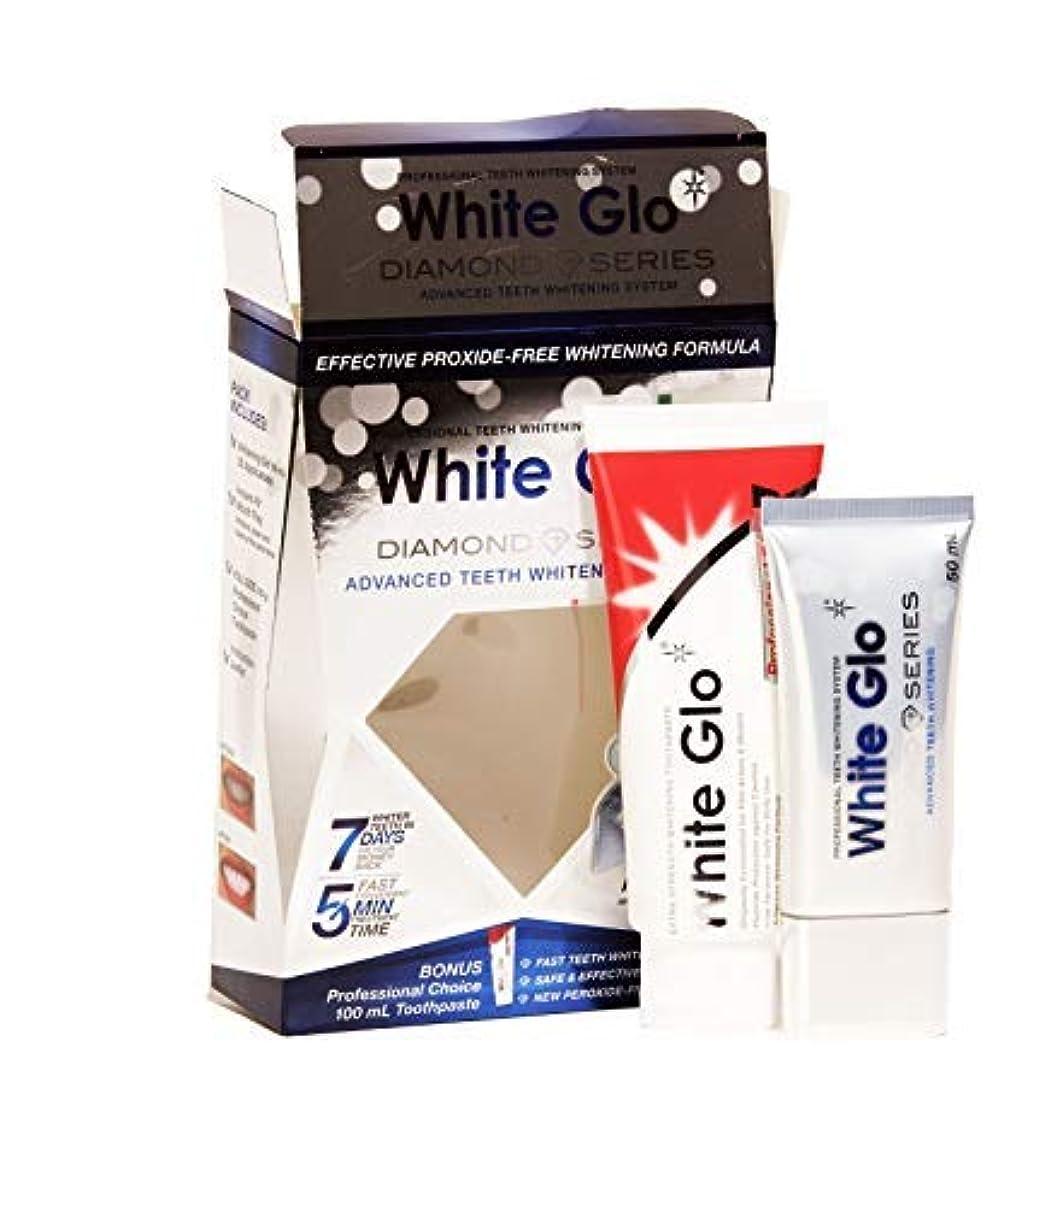 事業内容アッパーバブルTeeth Whitening Systems White Glo White Glo Diamond Series Bleaching Set Gel & Paste 50ml + 100ml Australia /...